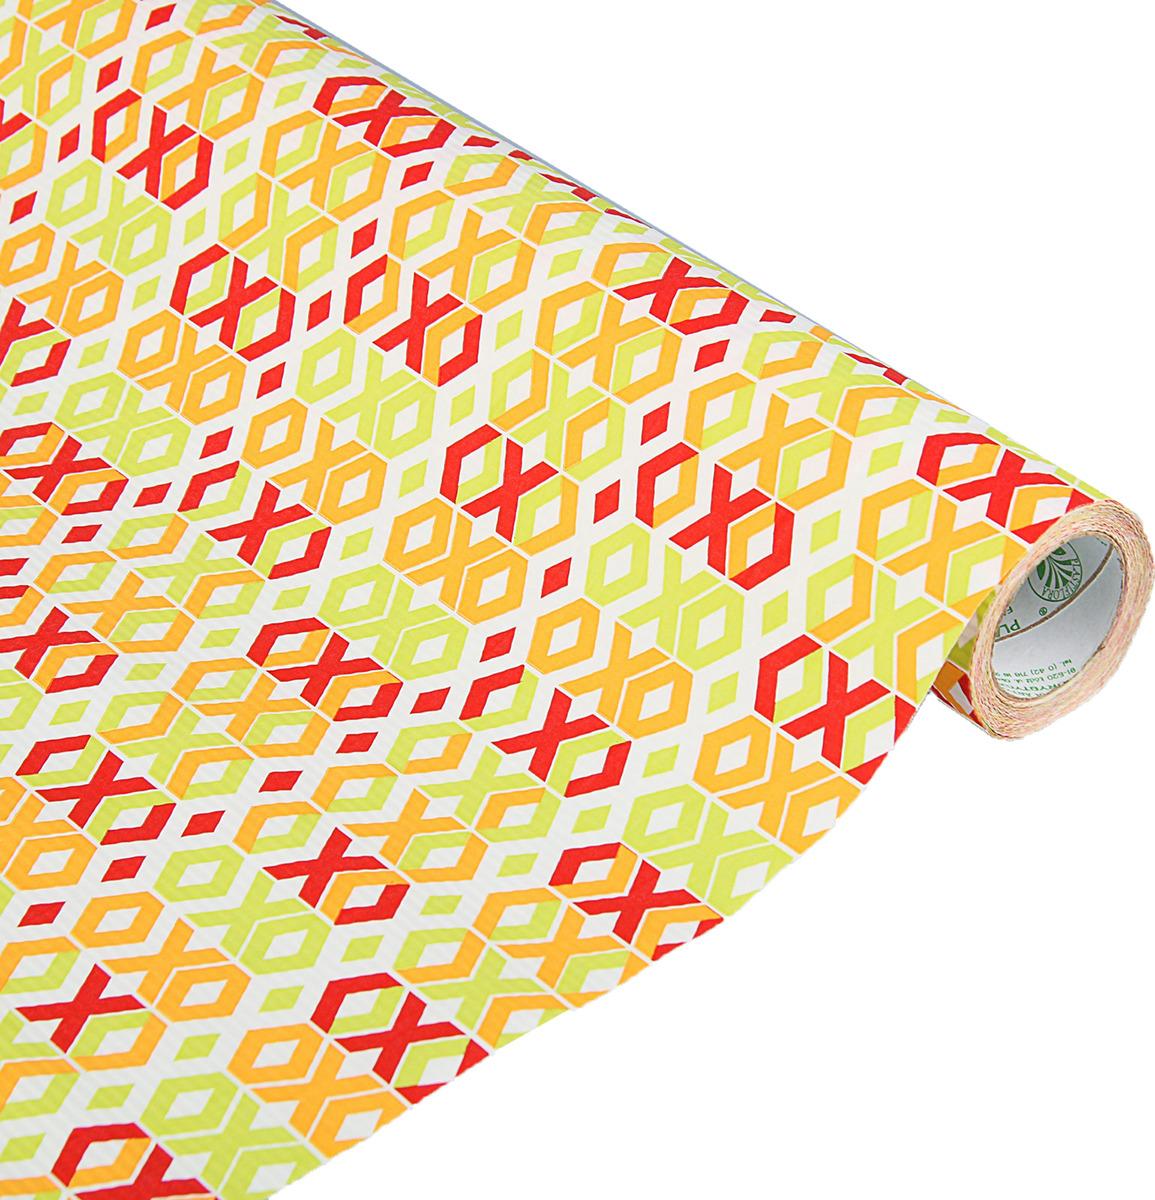 Бумага упаковочная, 3631606, белый, оранжевый, красный, 0,5 х 10 м